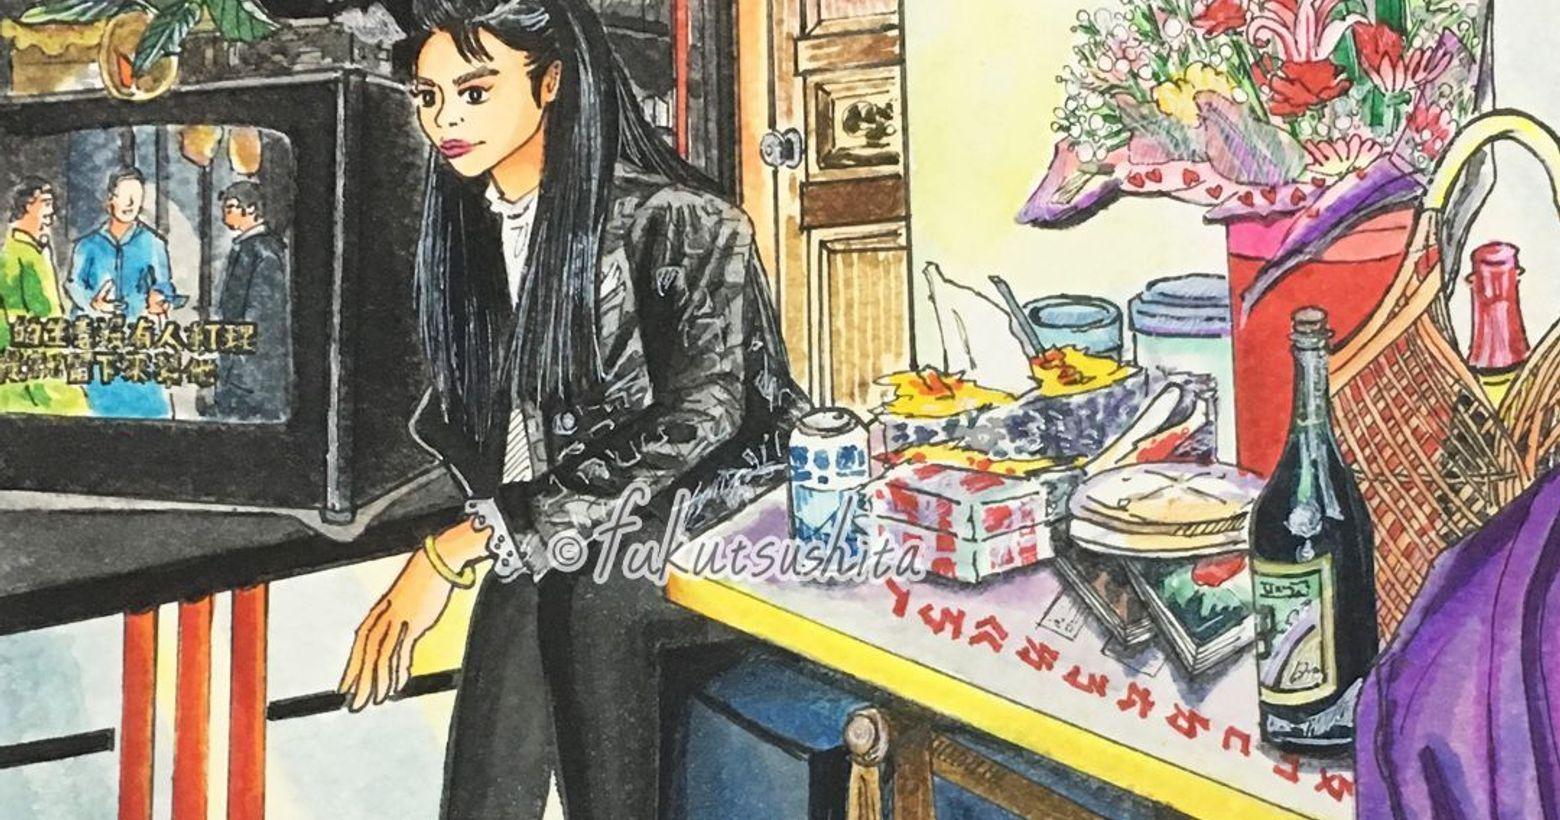 1992年/復古穿搭台湾、90年代の初頭-女子のコーデ🎉BLACKXPARTTY-1992年所拍